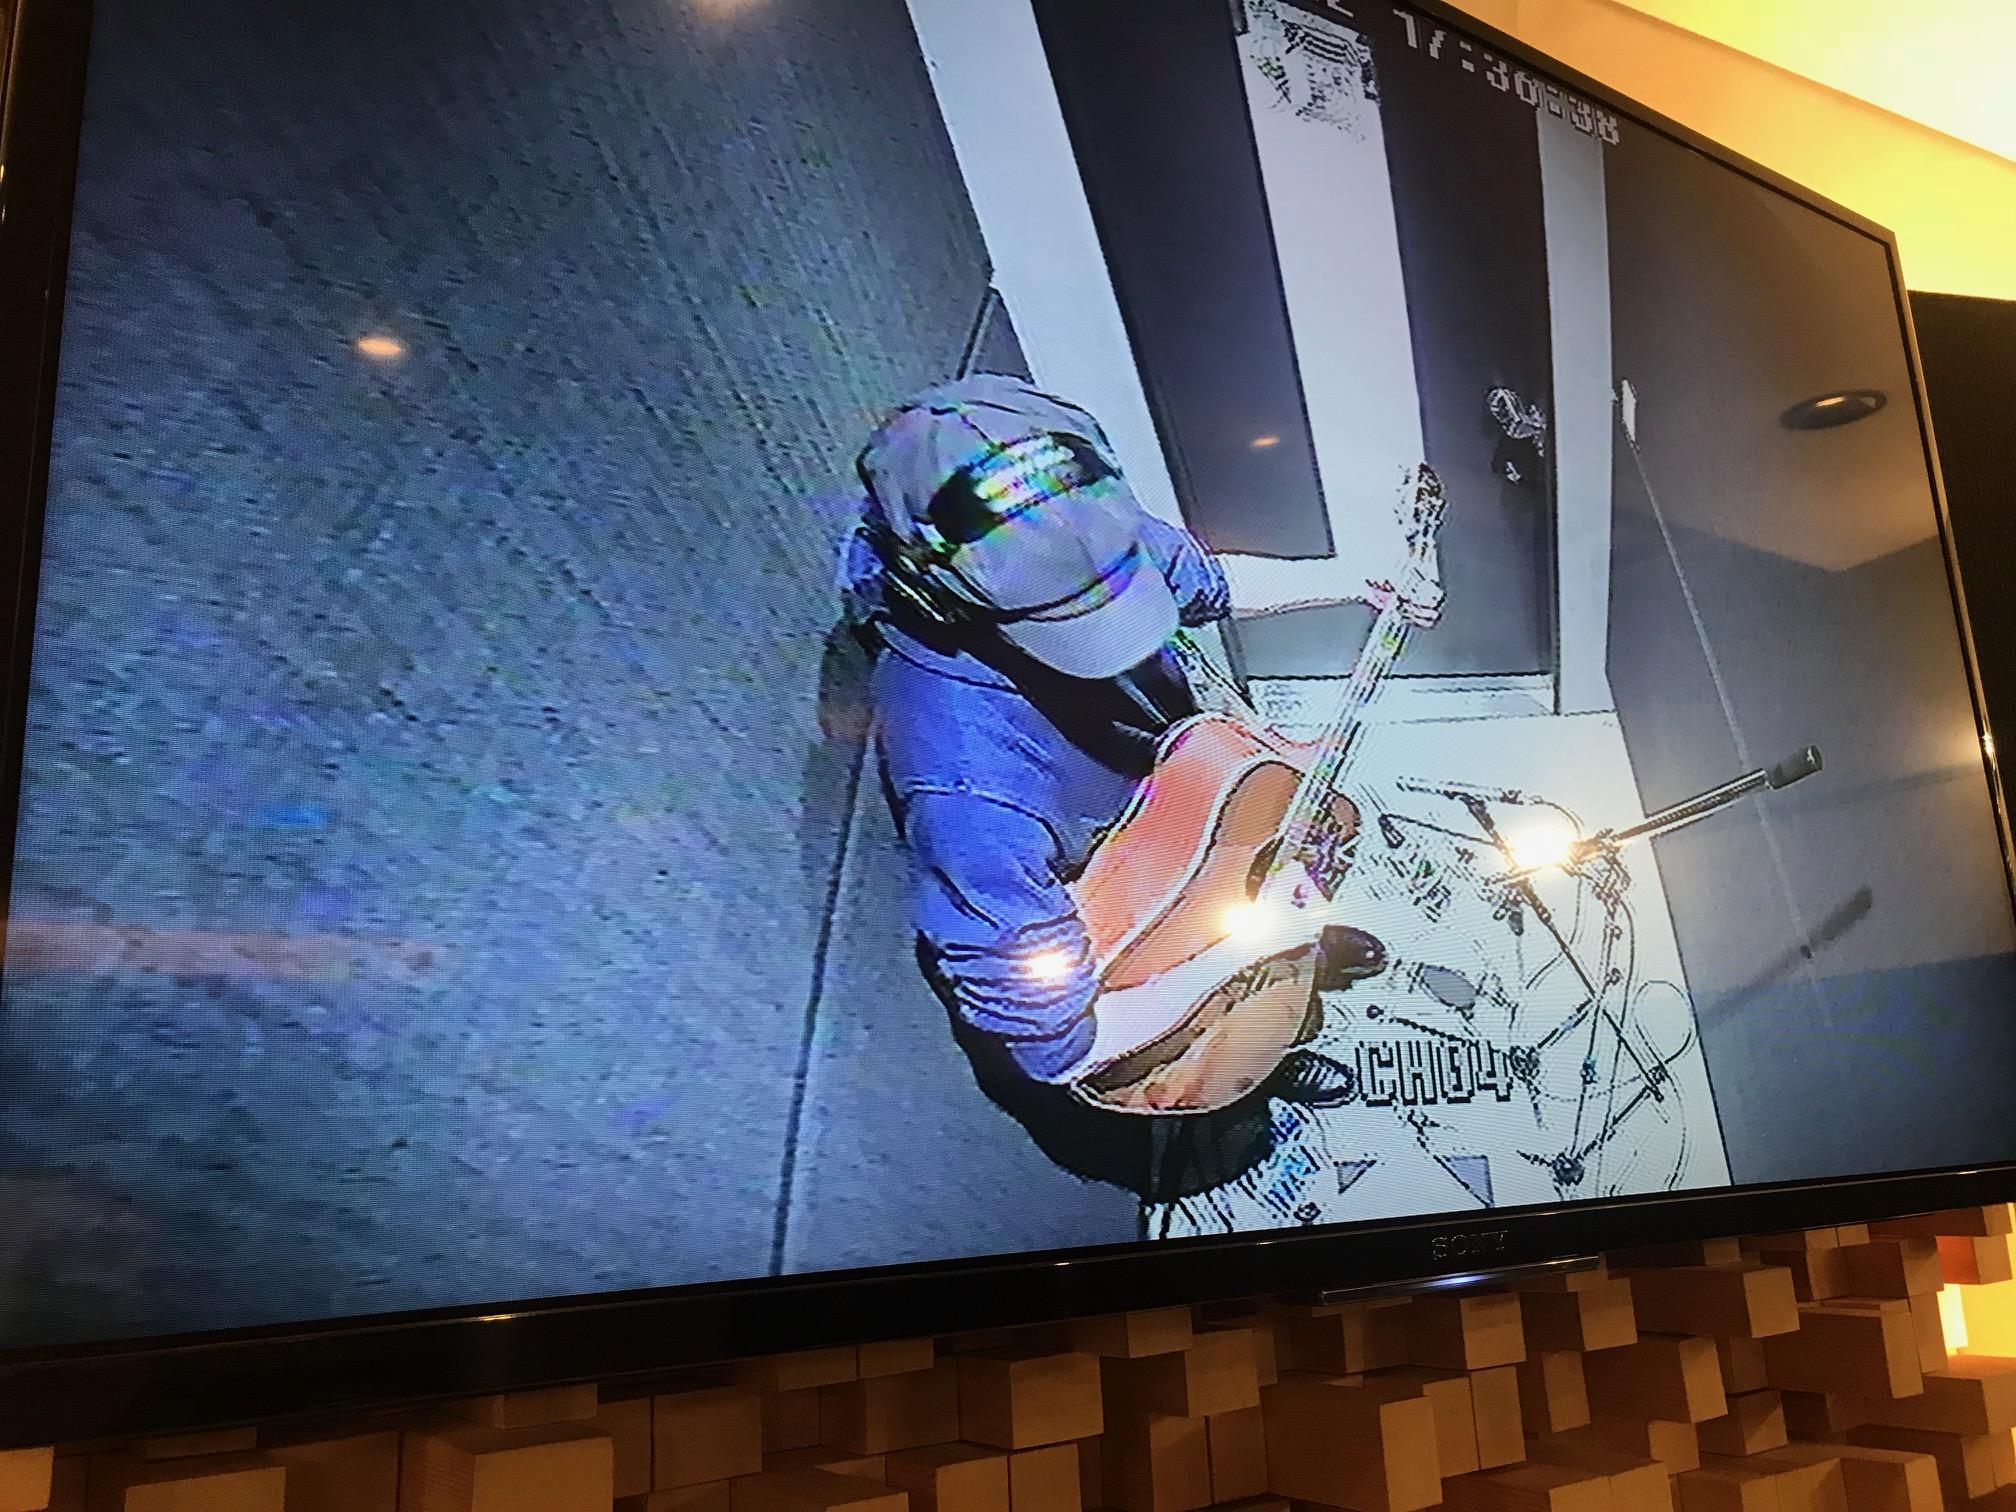 国立音楽院レコーディングスタジオの映像モニターに映し出された、在校生・武内建くんの姿。